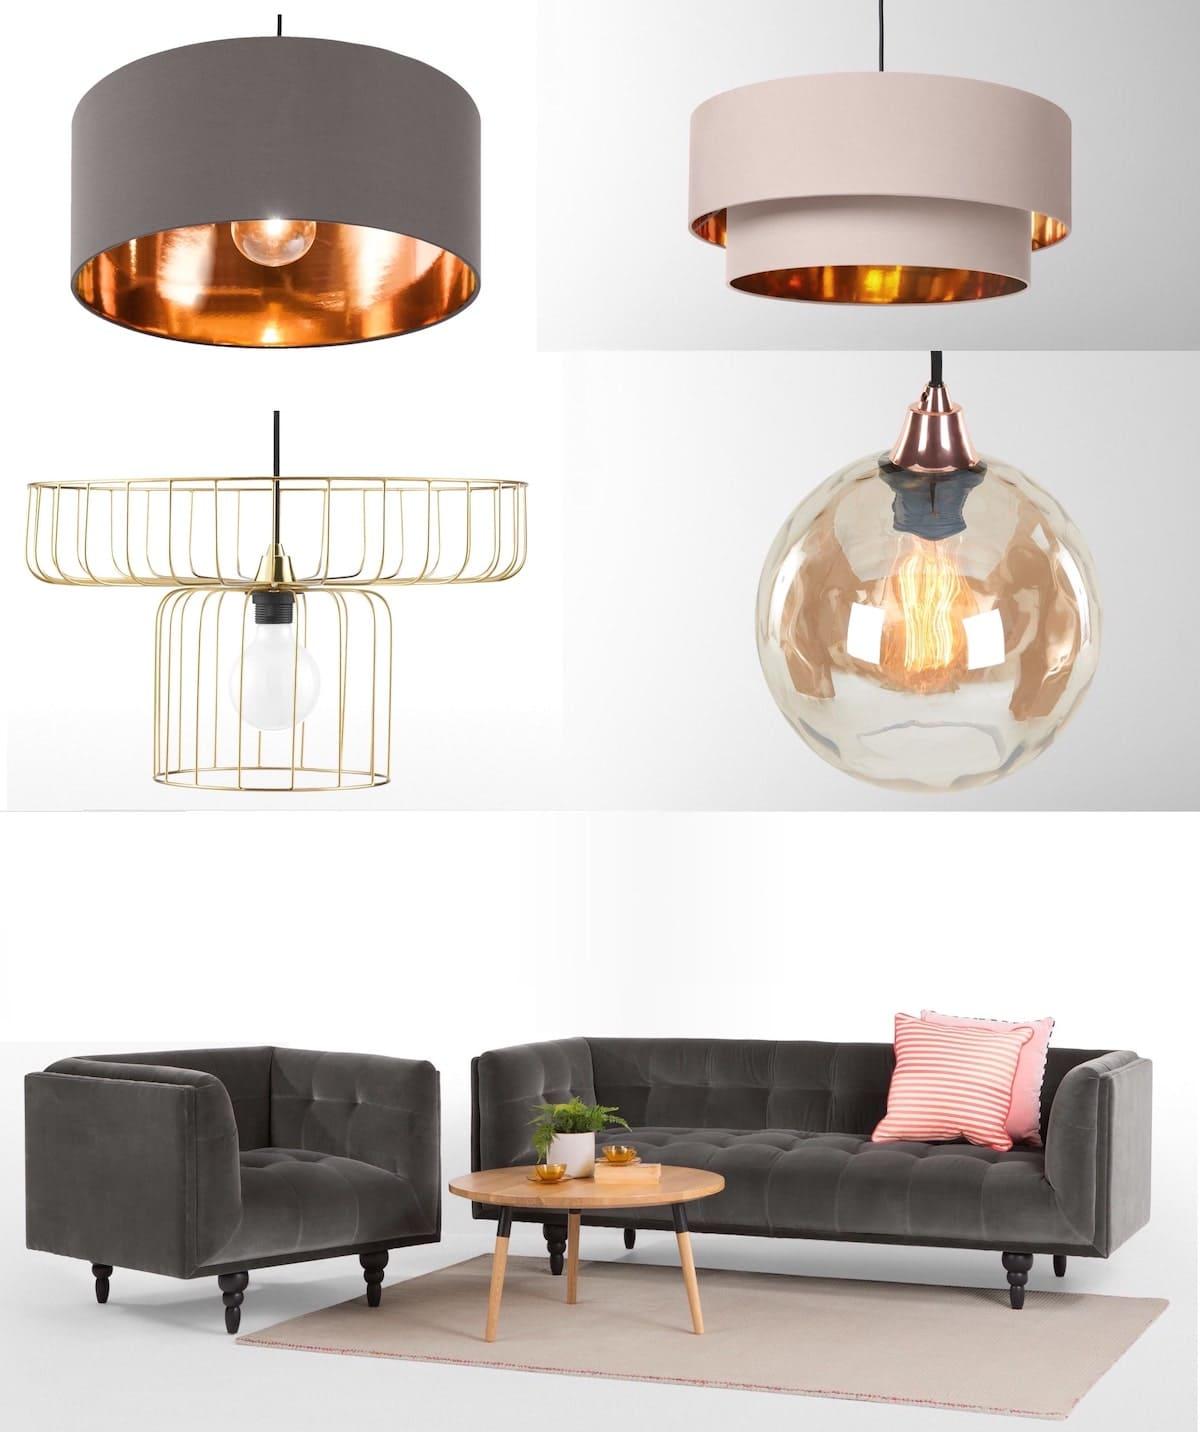 современные люстры и светильники в интерьере фото 1